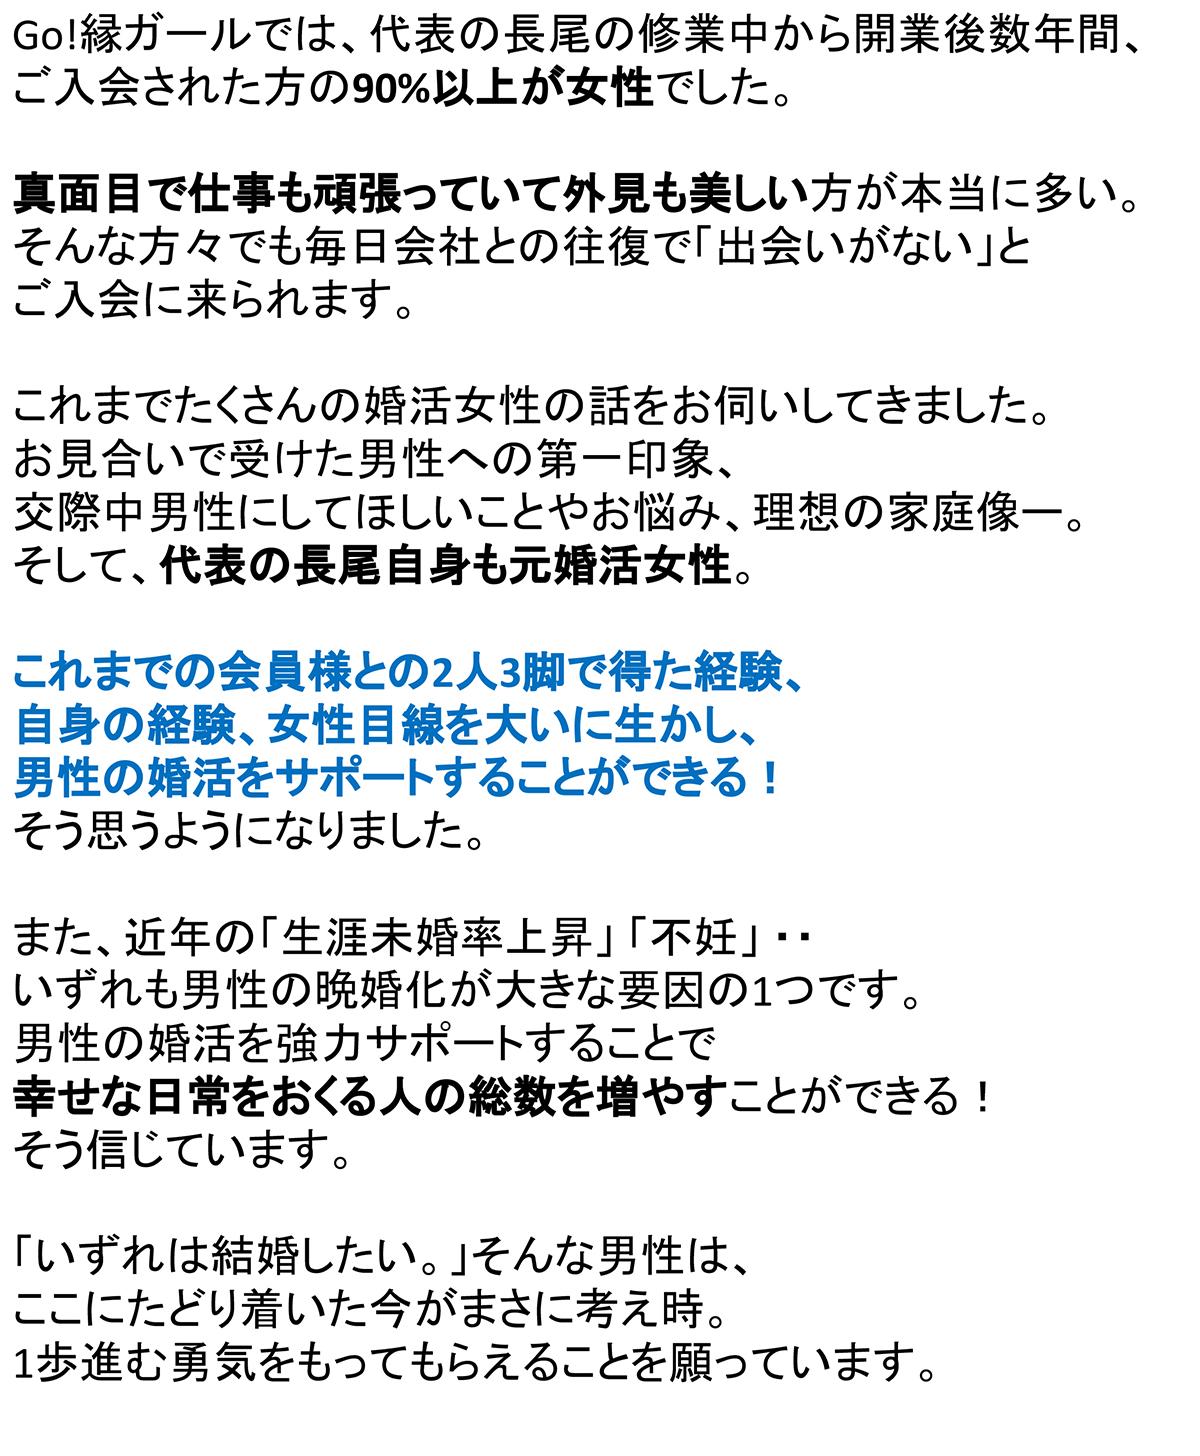 forMEN 結婚を考えている福岡の男性のためのGo縁ガールの男の婚活